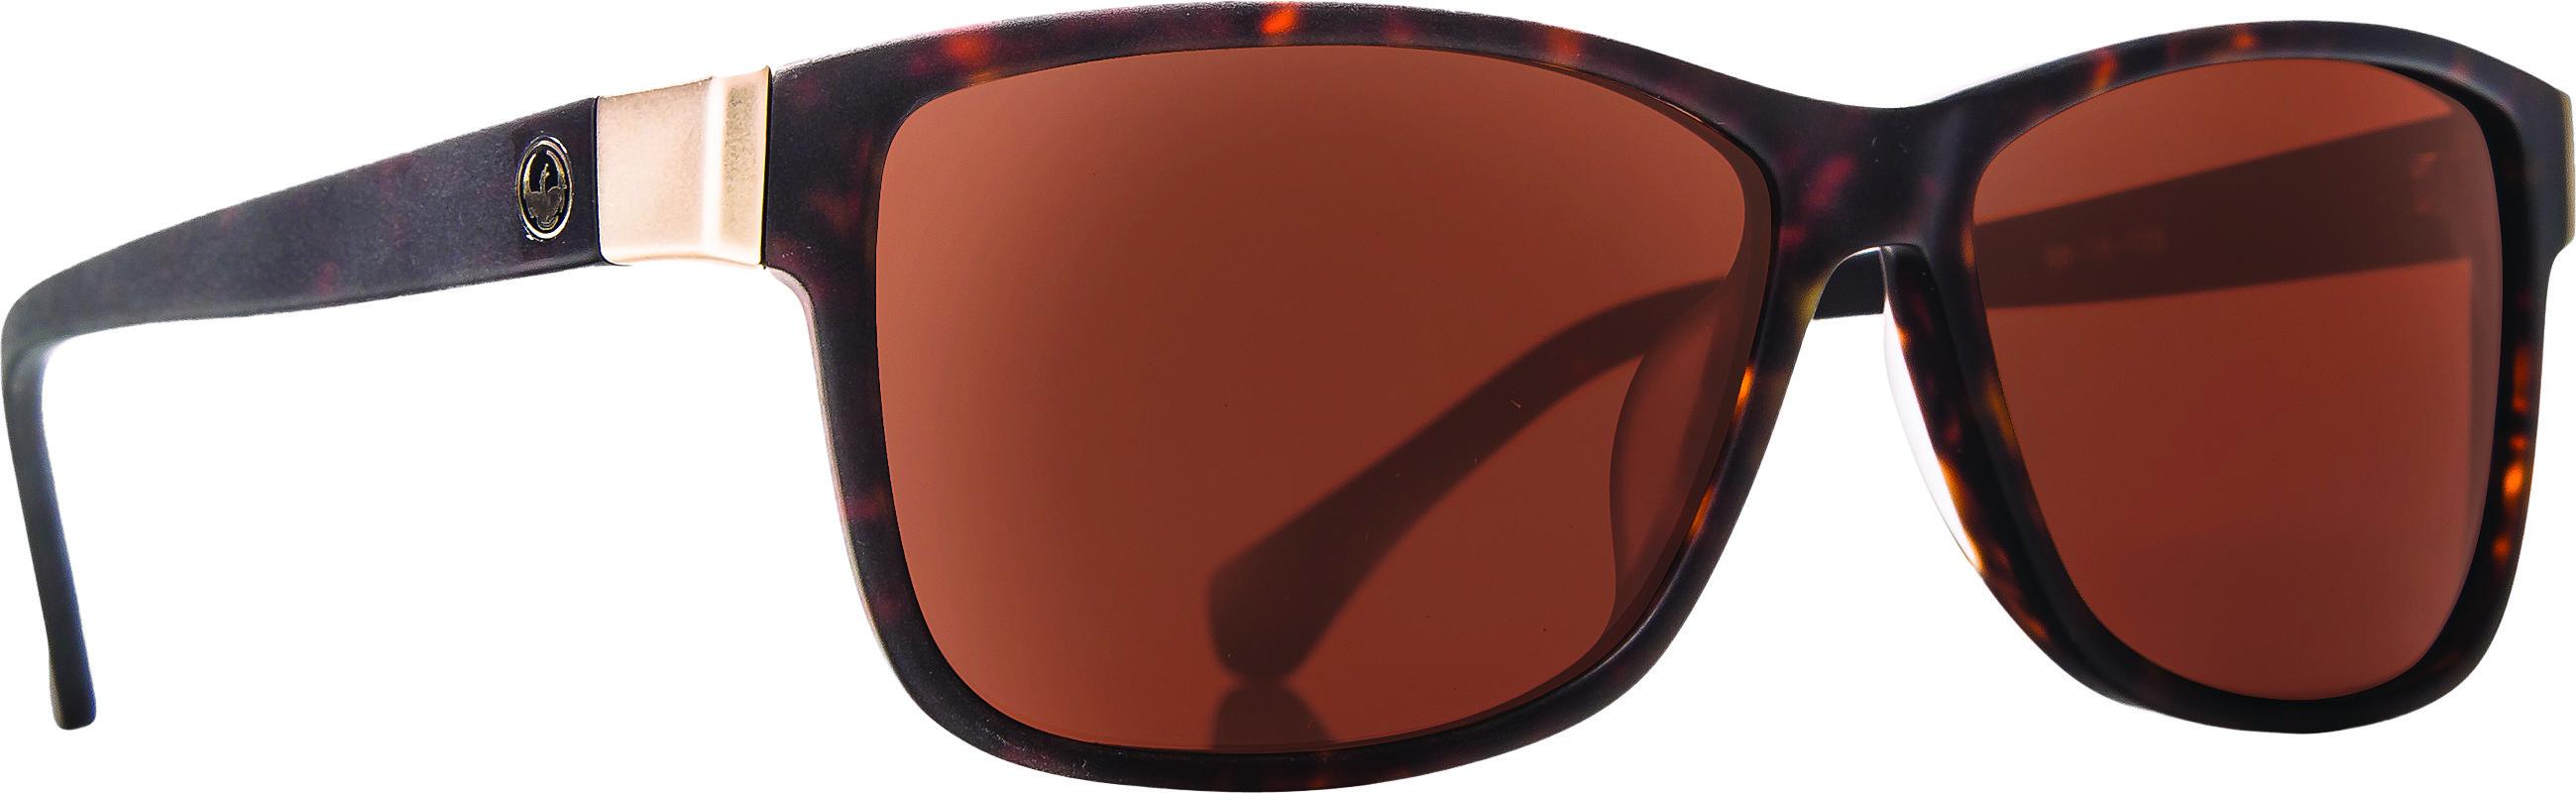 Exit Row Sunglasses Matte Tortoise W/Bronze Lens